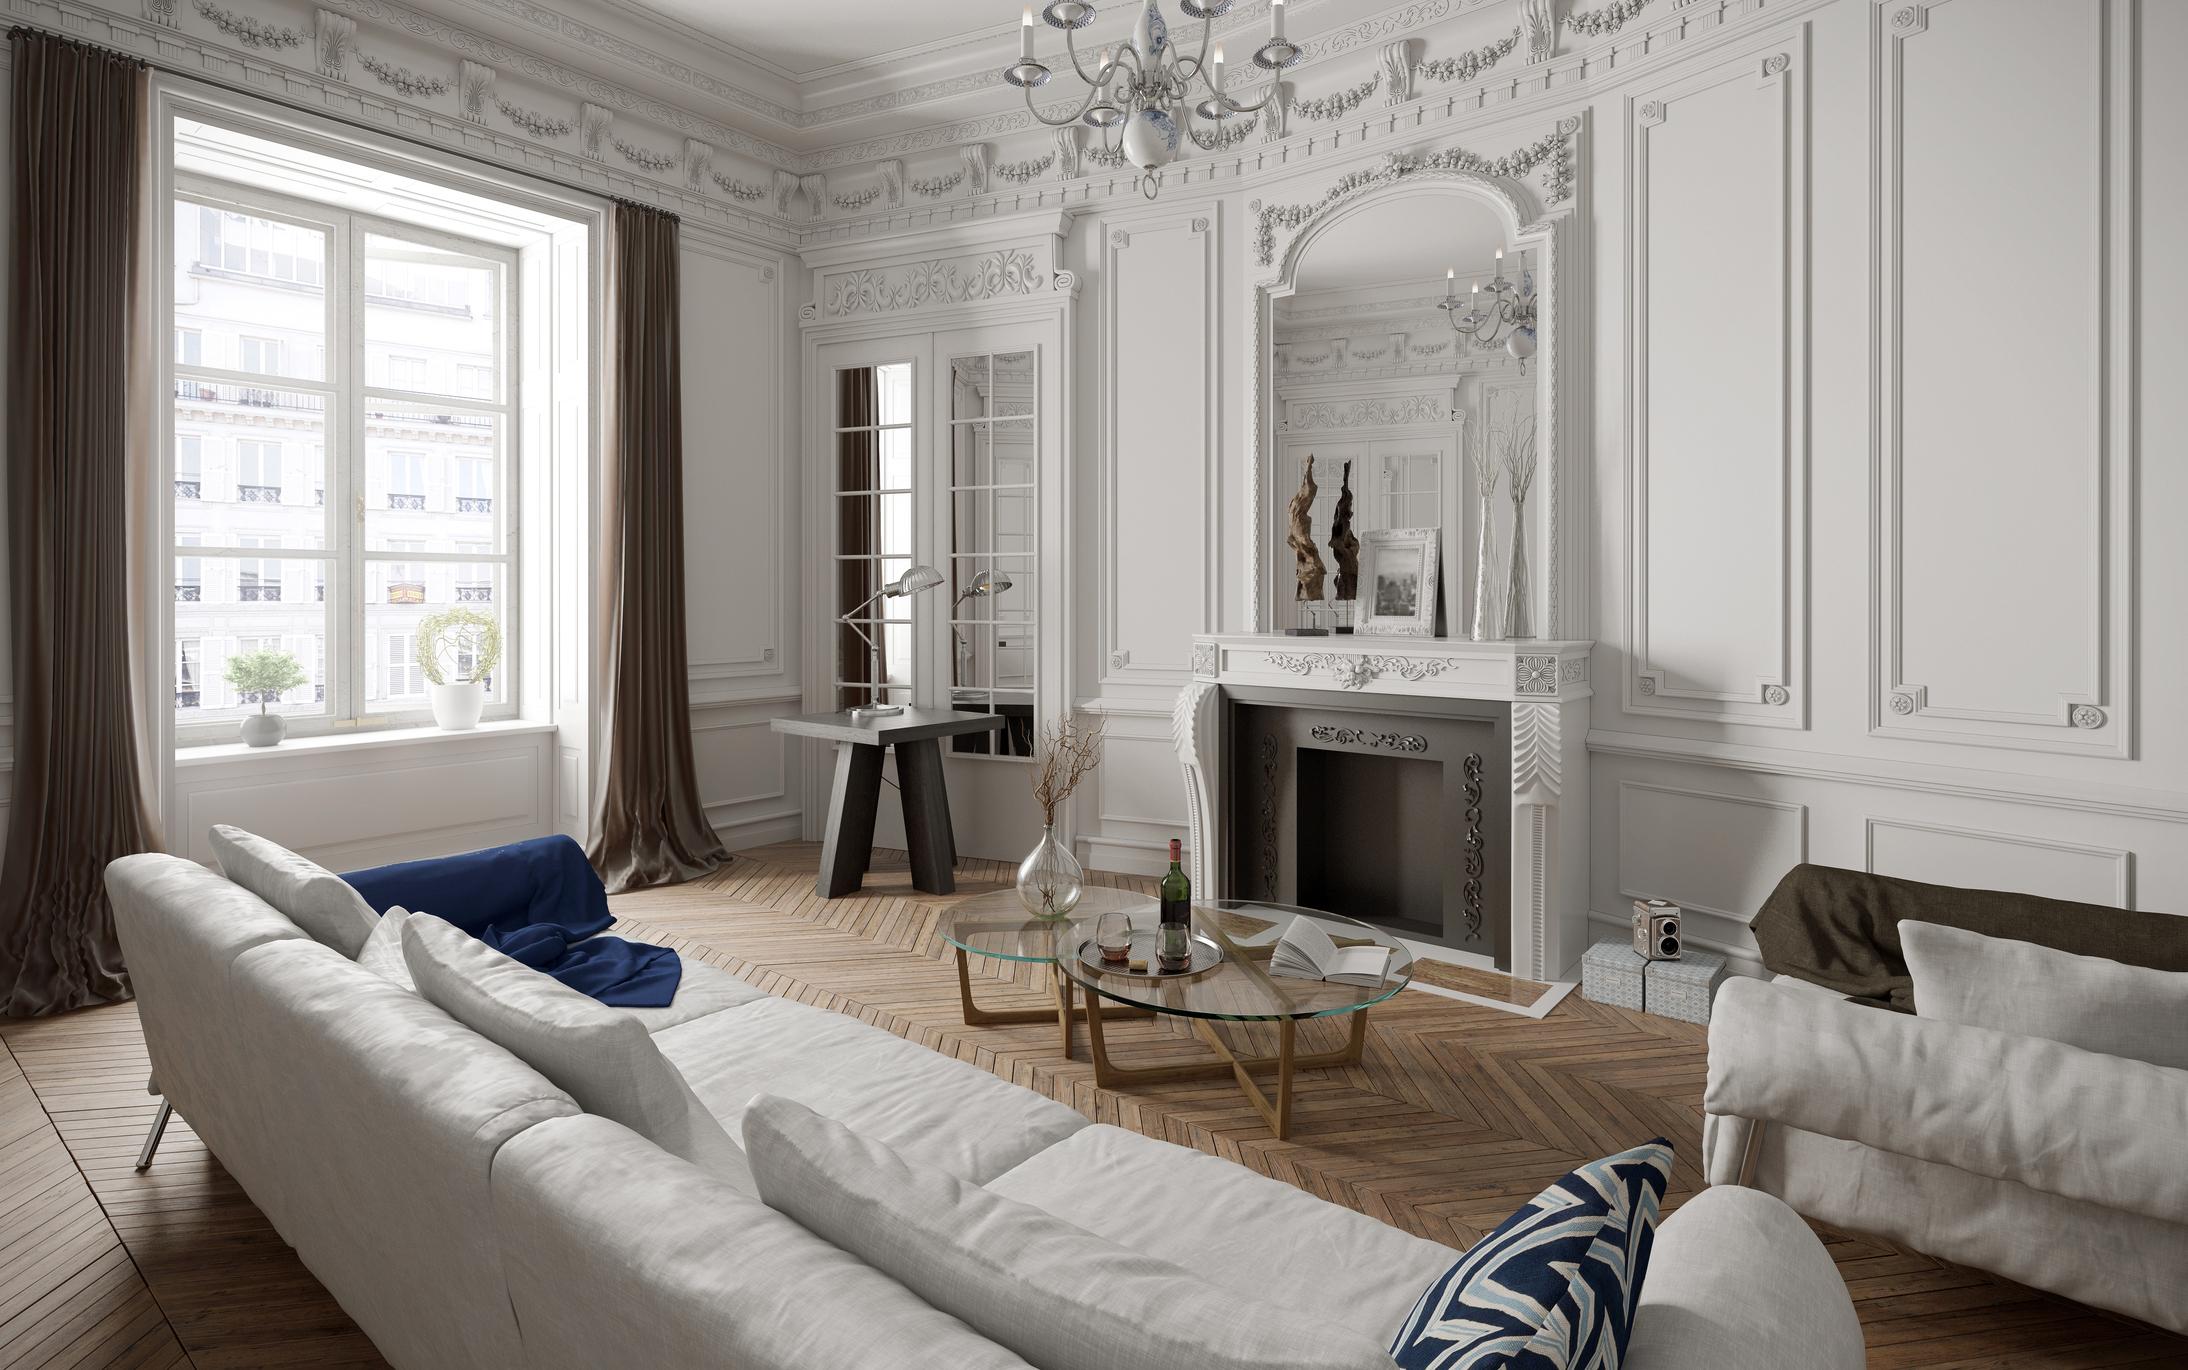 Arredamento Casa Stile Barocco : Antico e moderno gli errori da non commettere casa